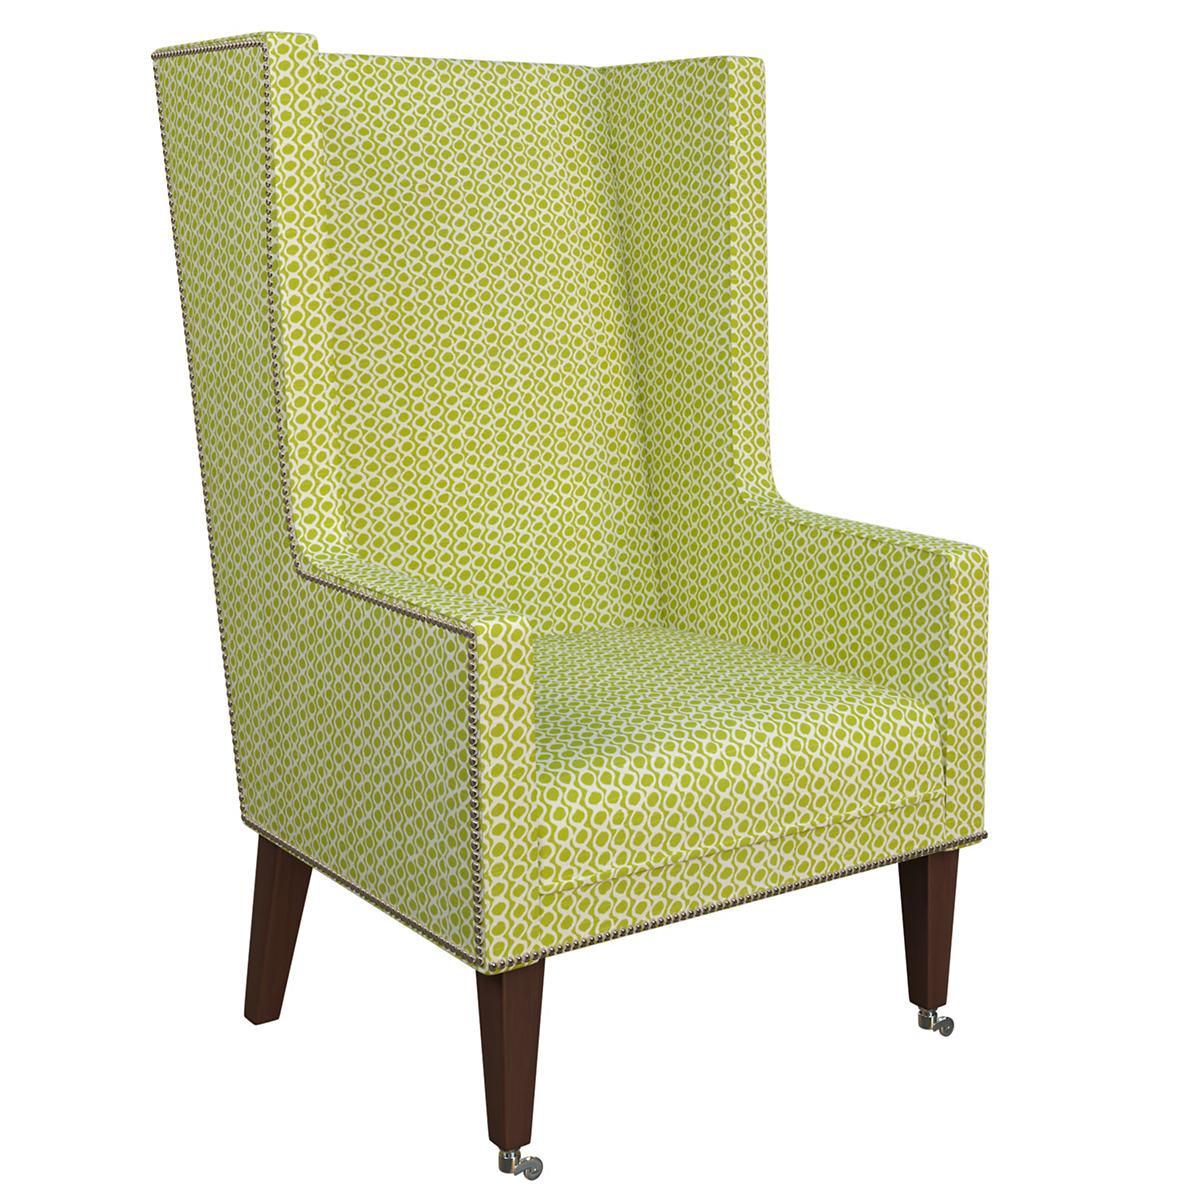 Beads Dark Green Neo-Wing Chair